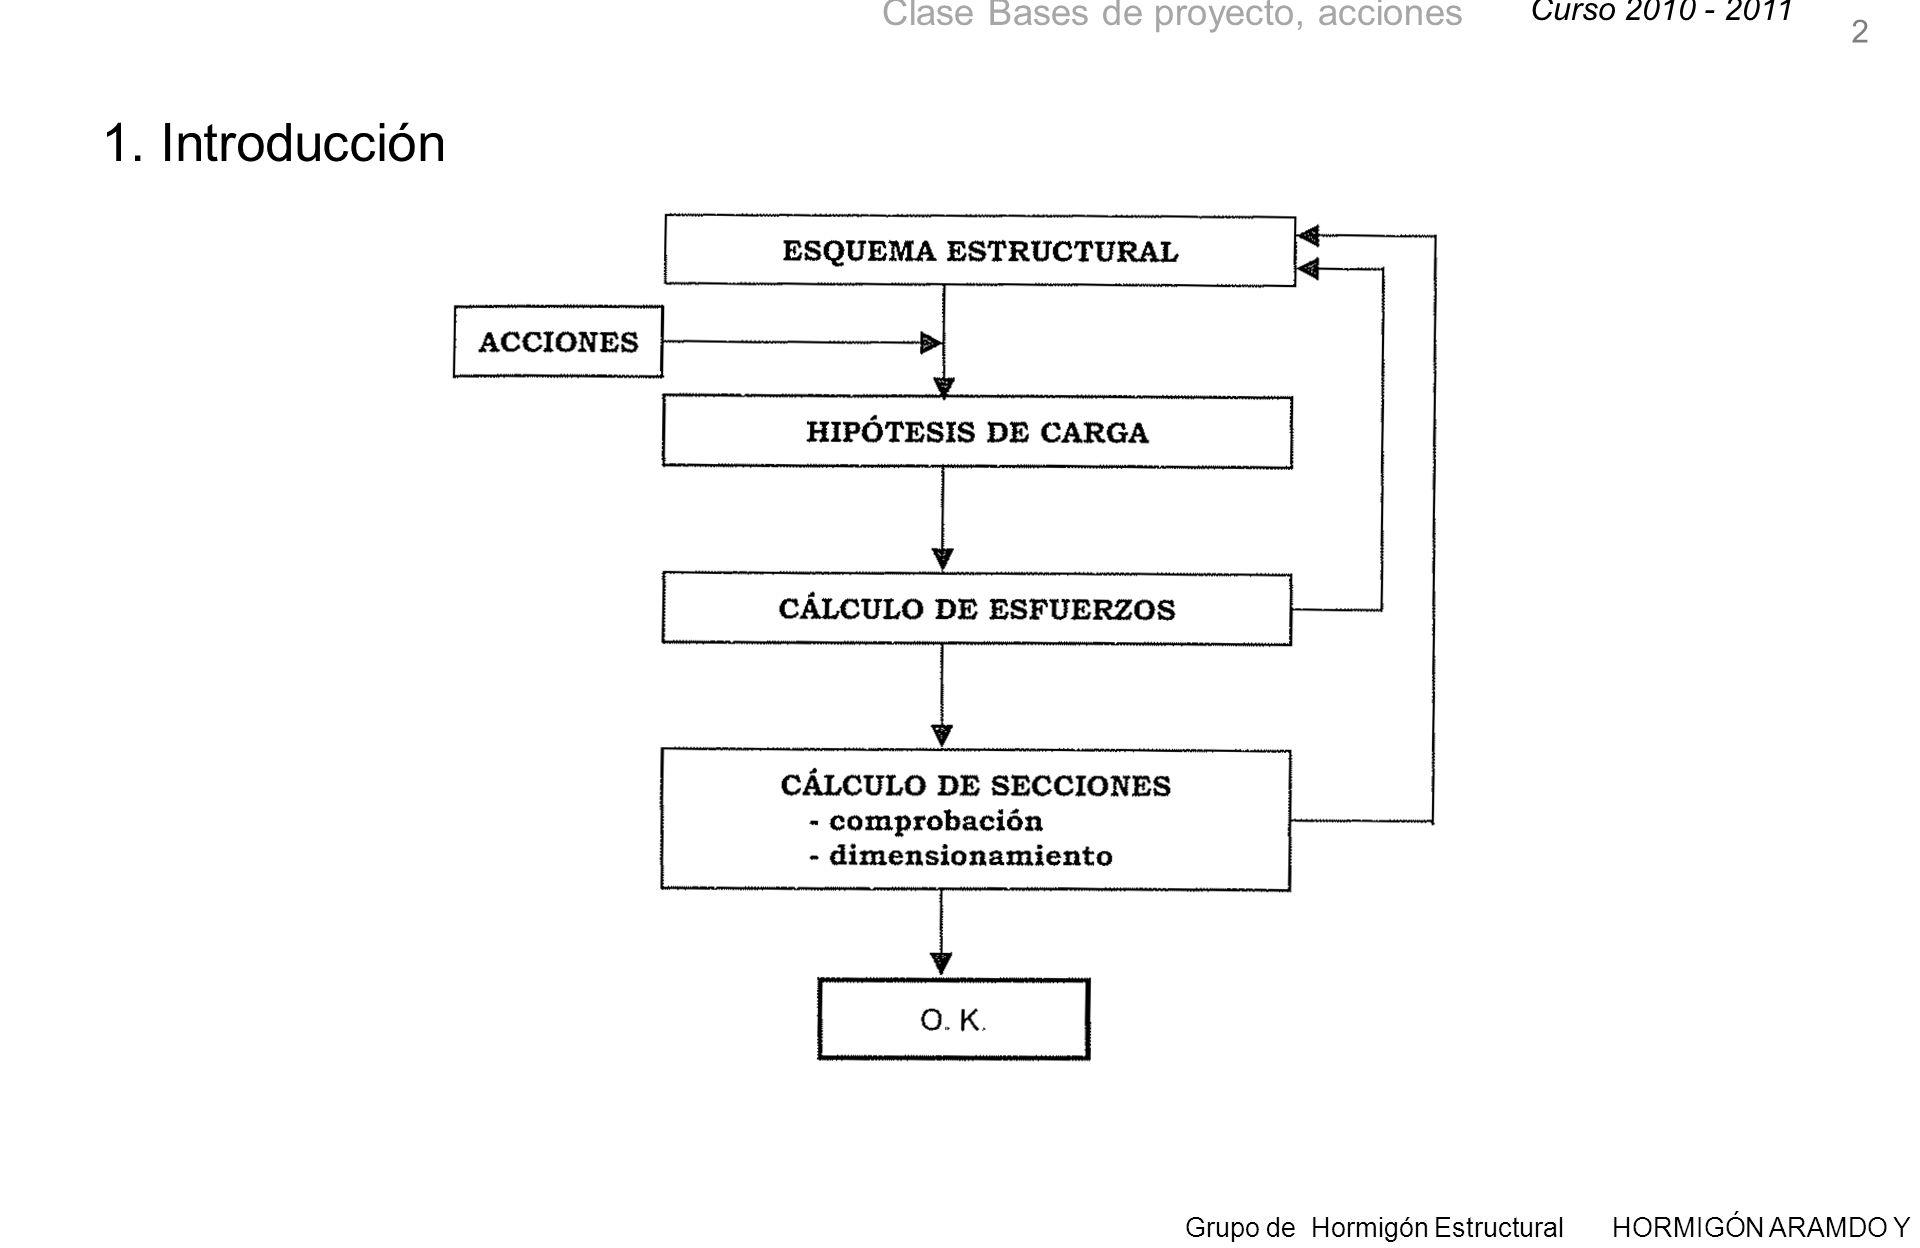 Curso 2010 - 2011 Grupo de Hormigón Estructural HORMIGÓN ARAMDO Y PRETENSADO II Clase Bases de proyecto, acciones 23 2.6.